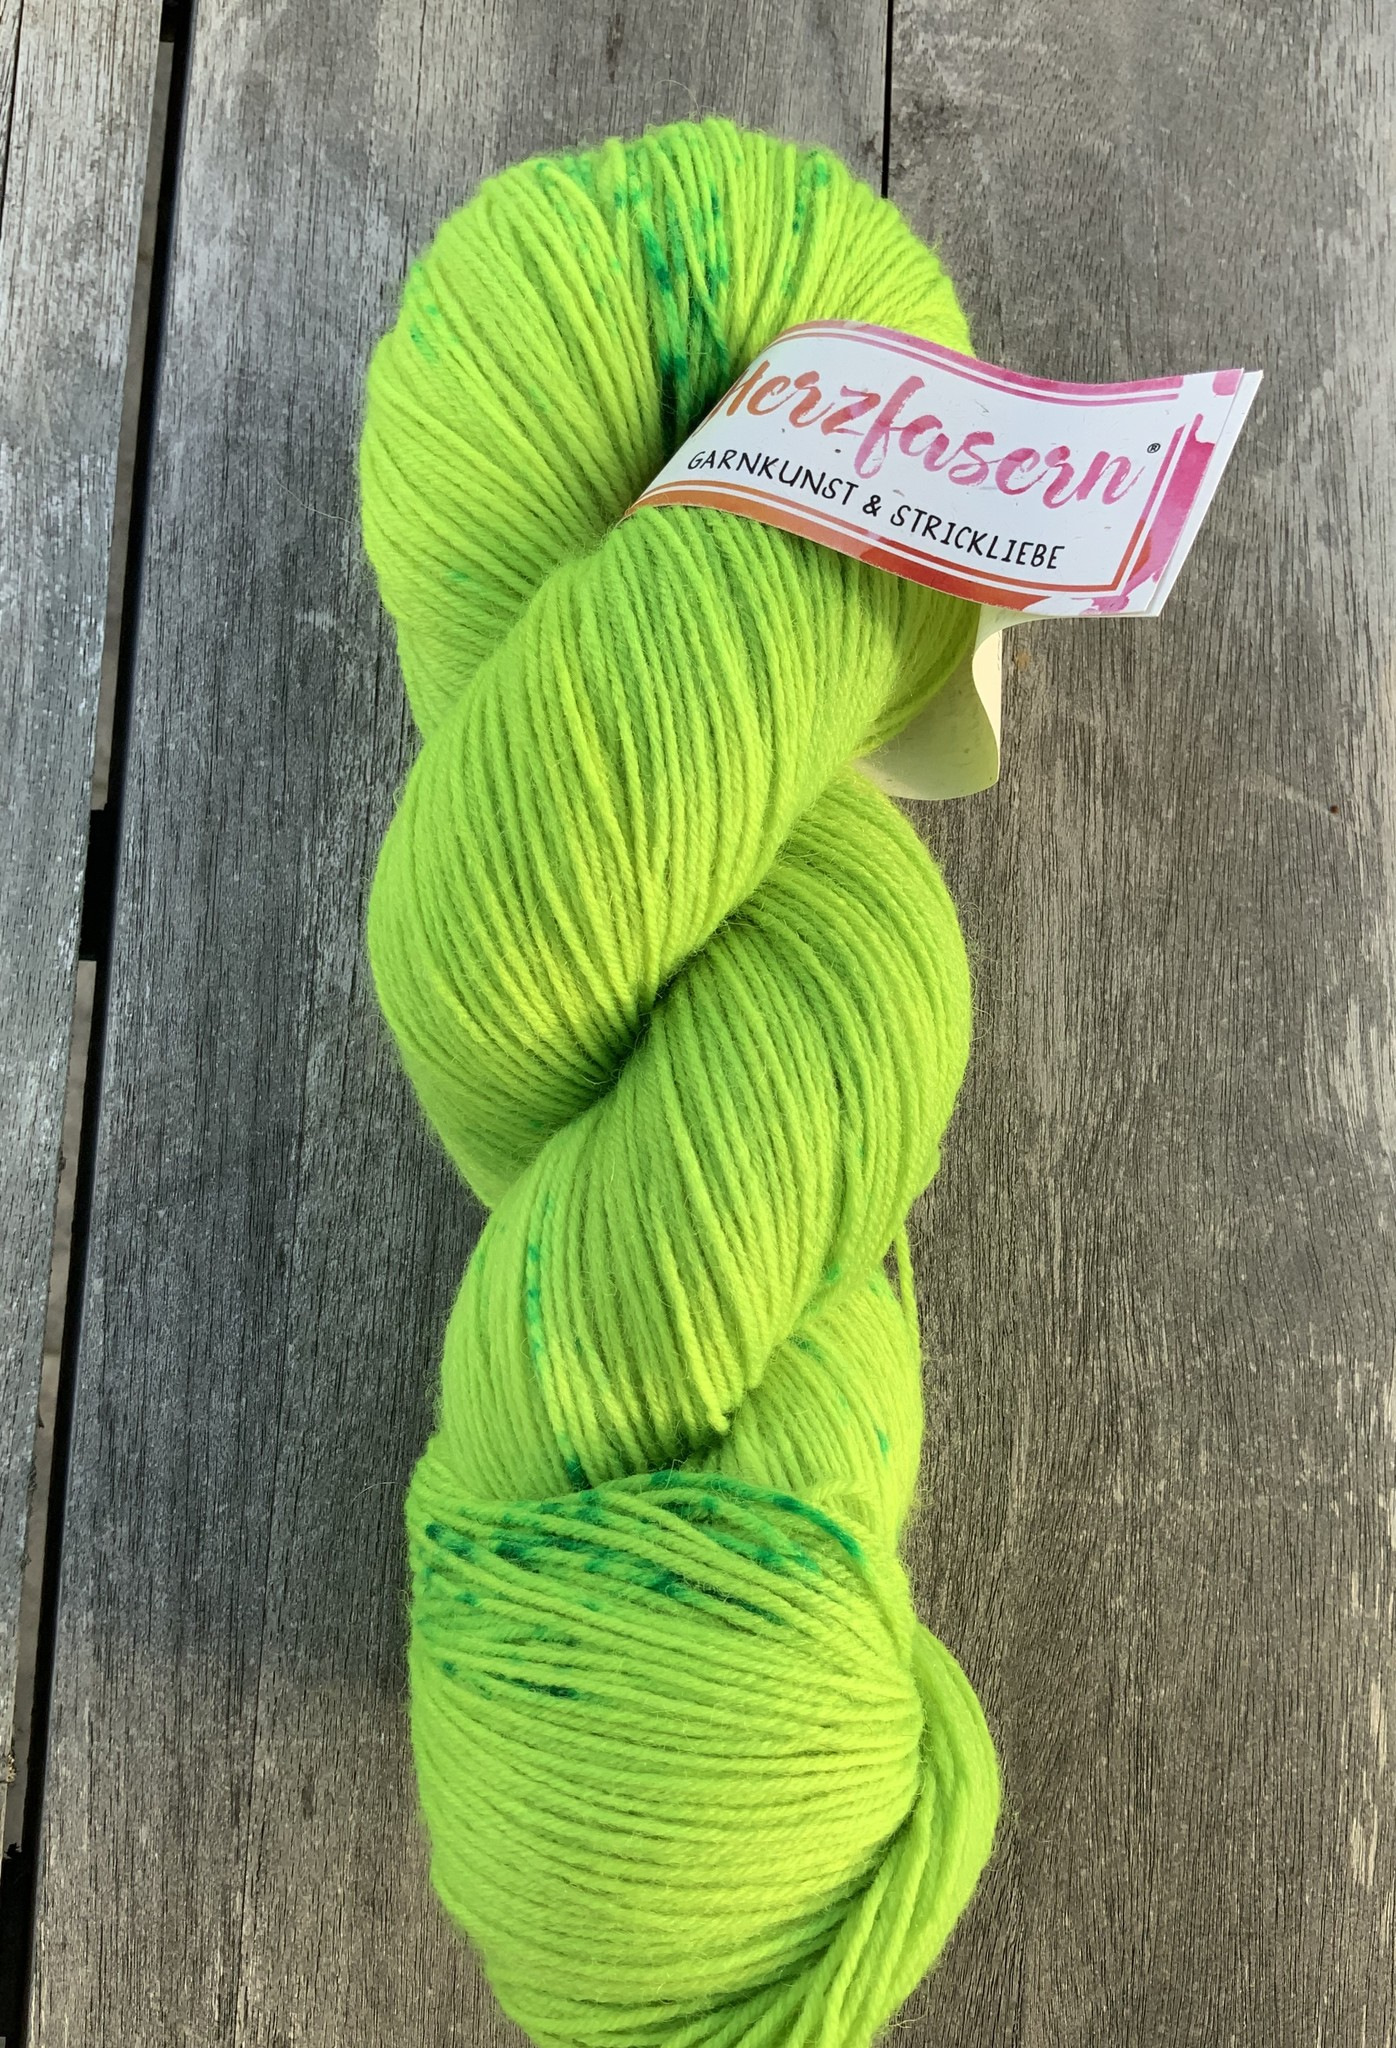 Herzfasern Sockenwolle - Greeny gesprenkelt